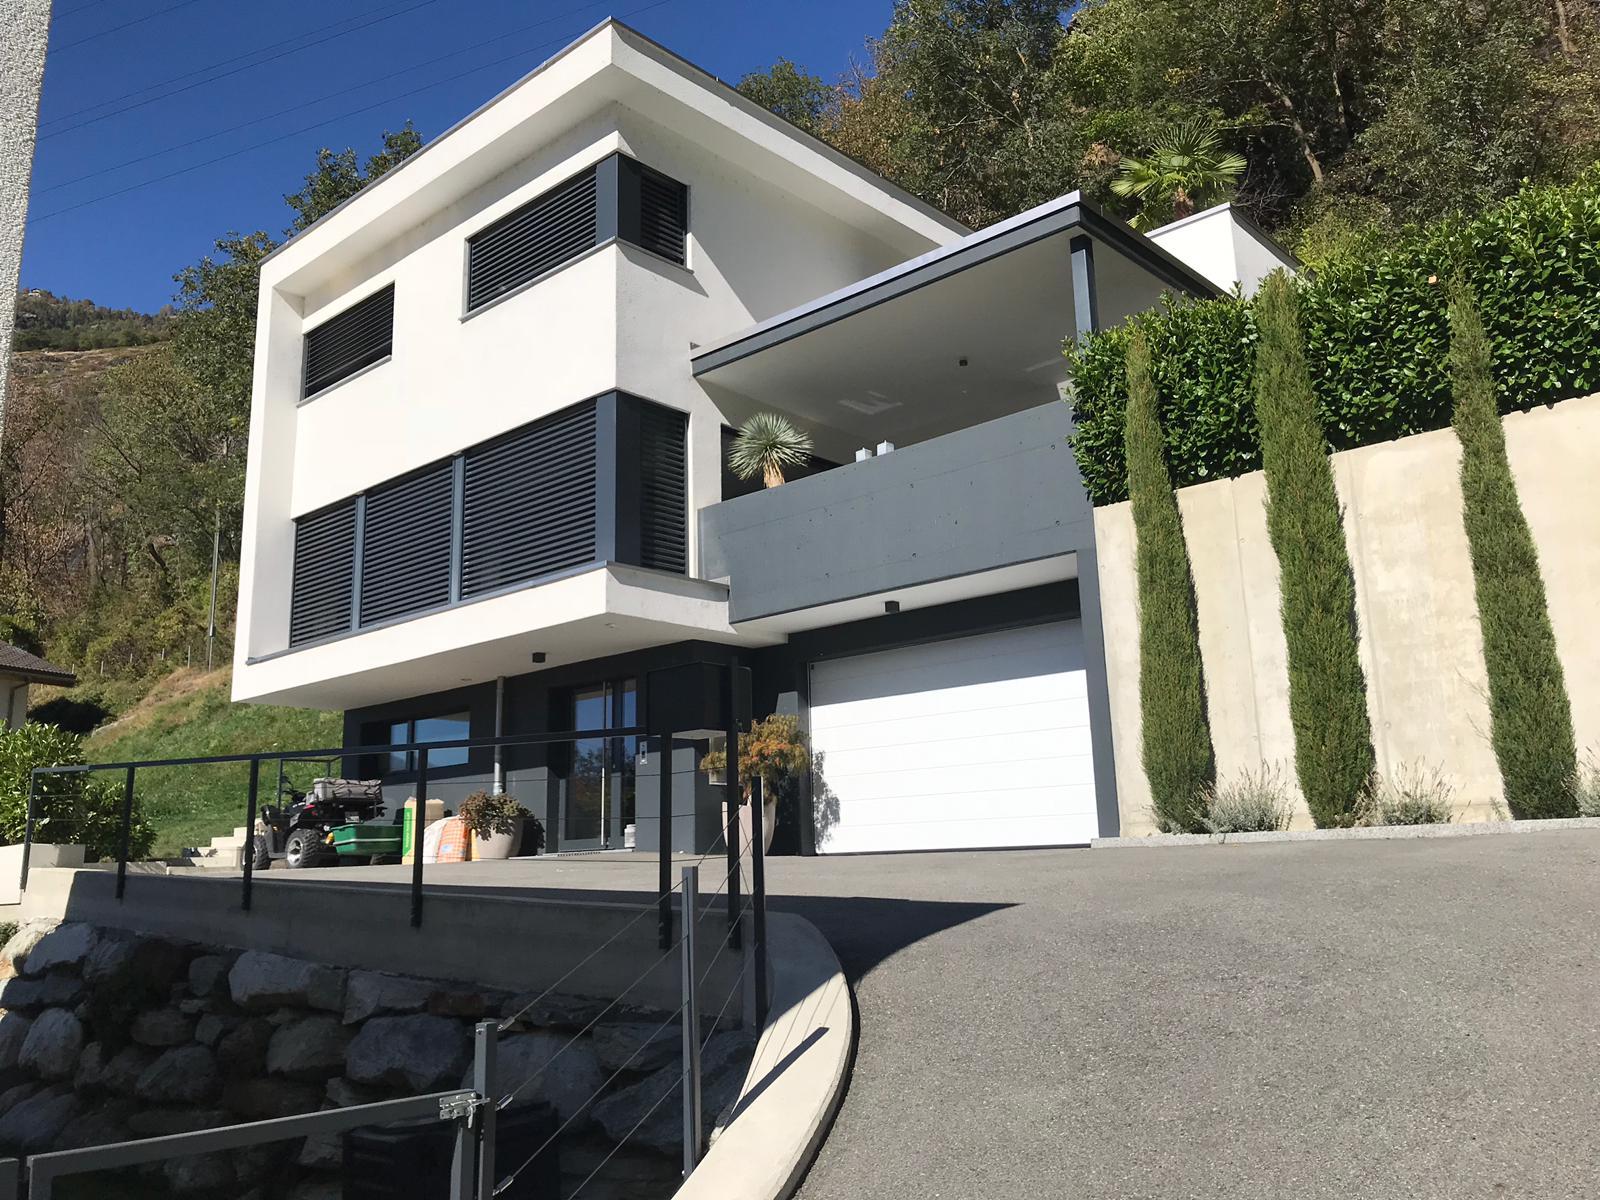 2 Einfamilienhäuser in Lalden, Baujahr 2012